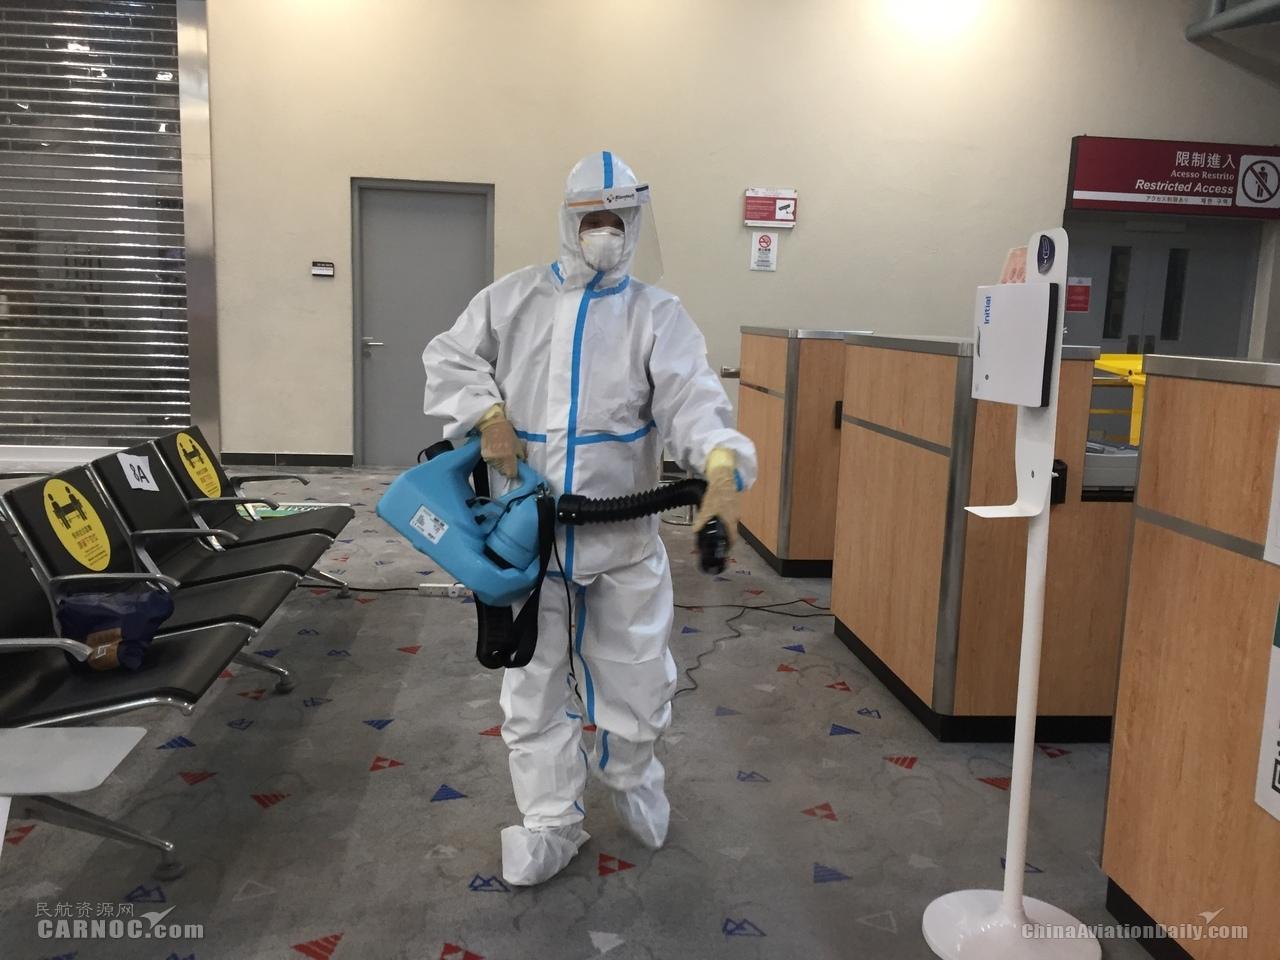 澳门机场配合接载澳门居民返澳航班特别检疫行动